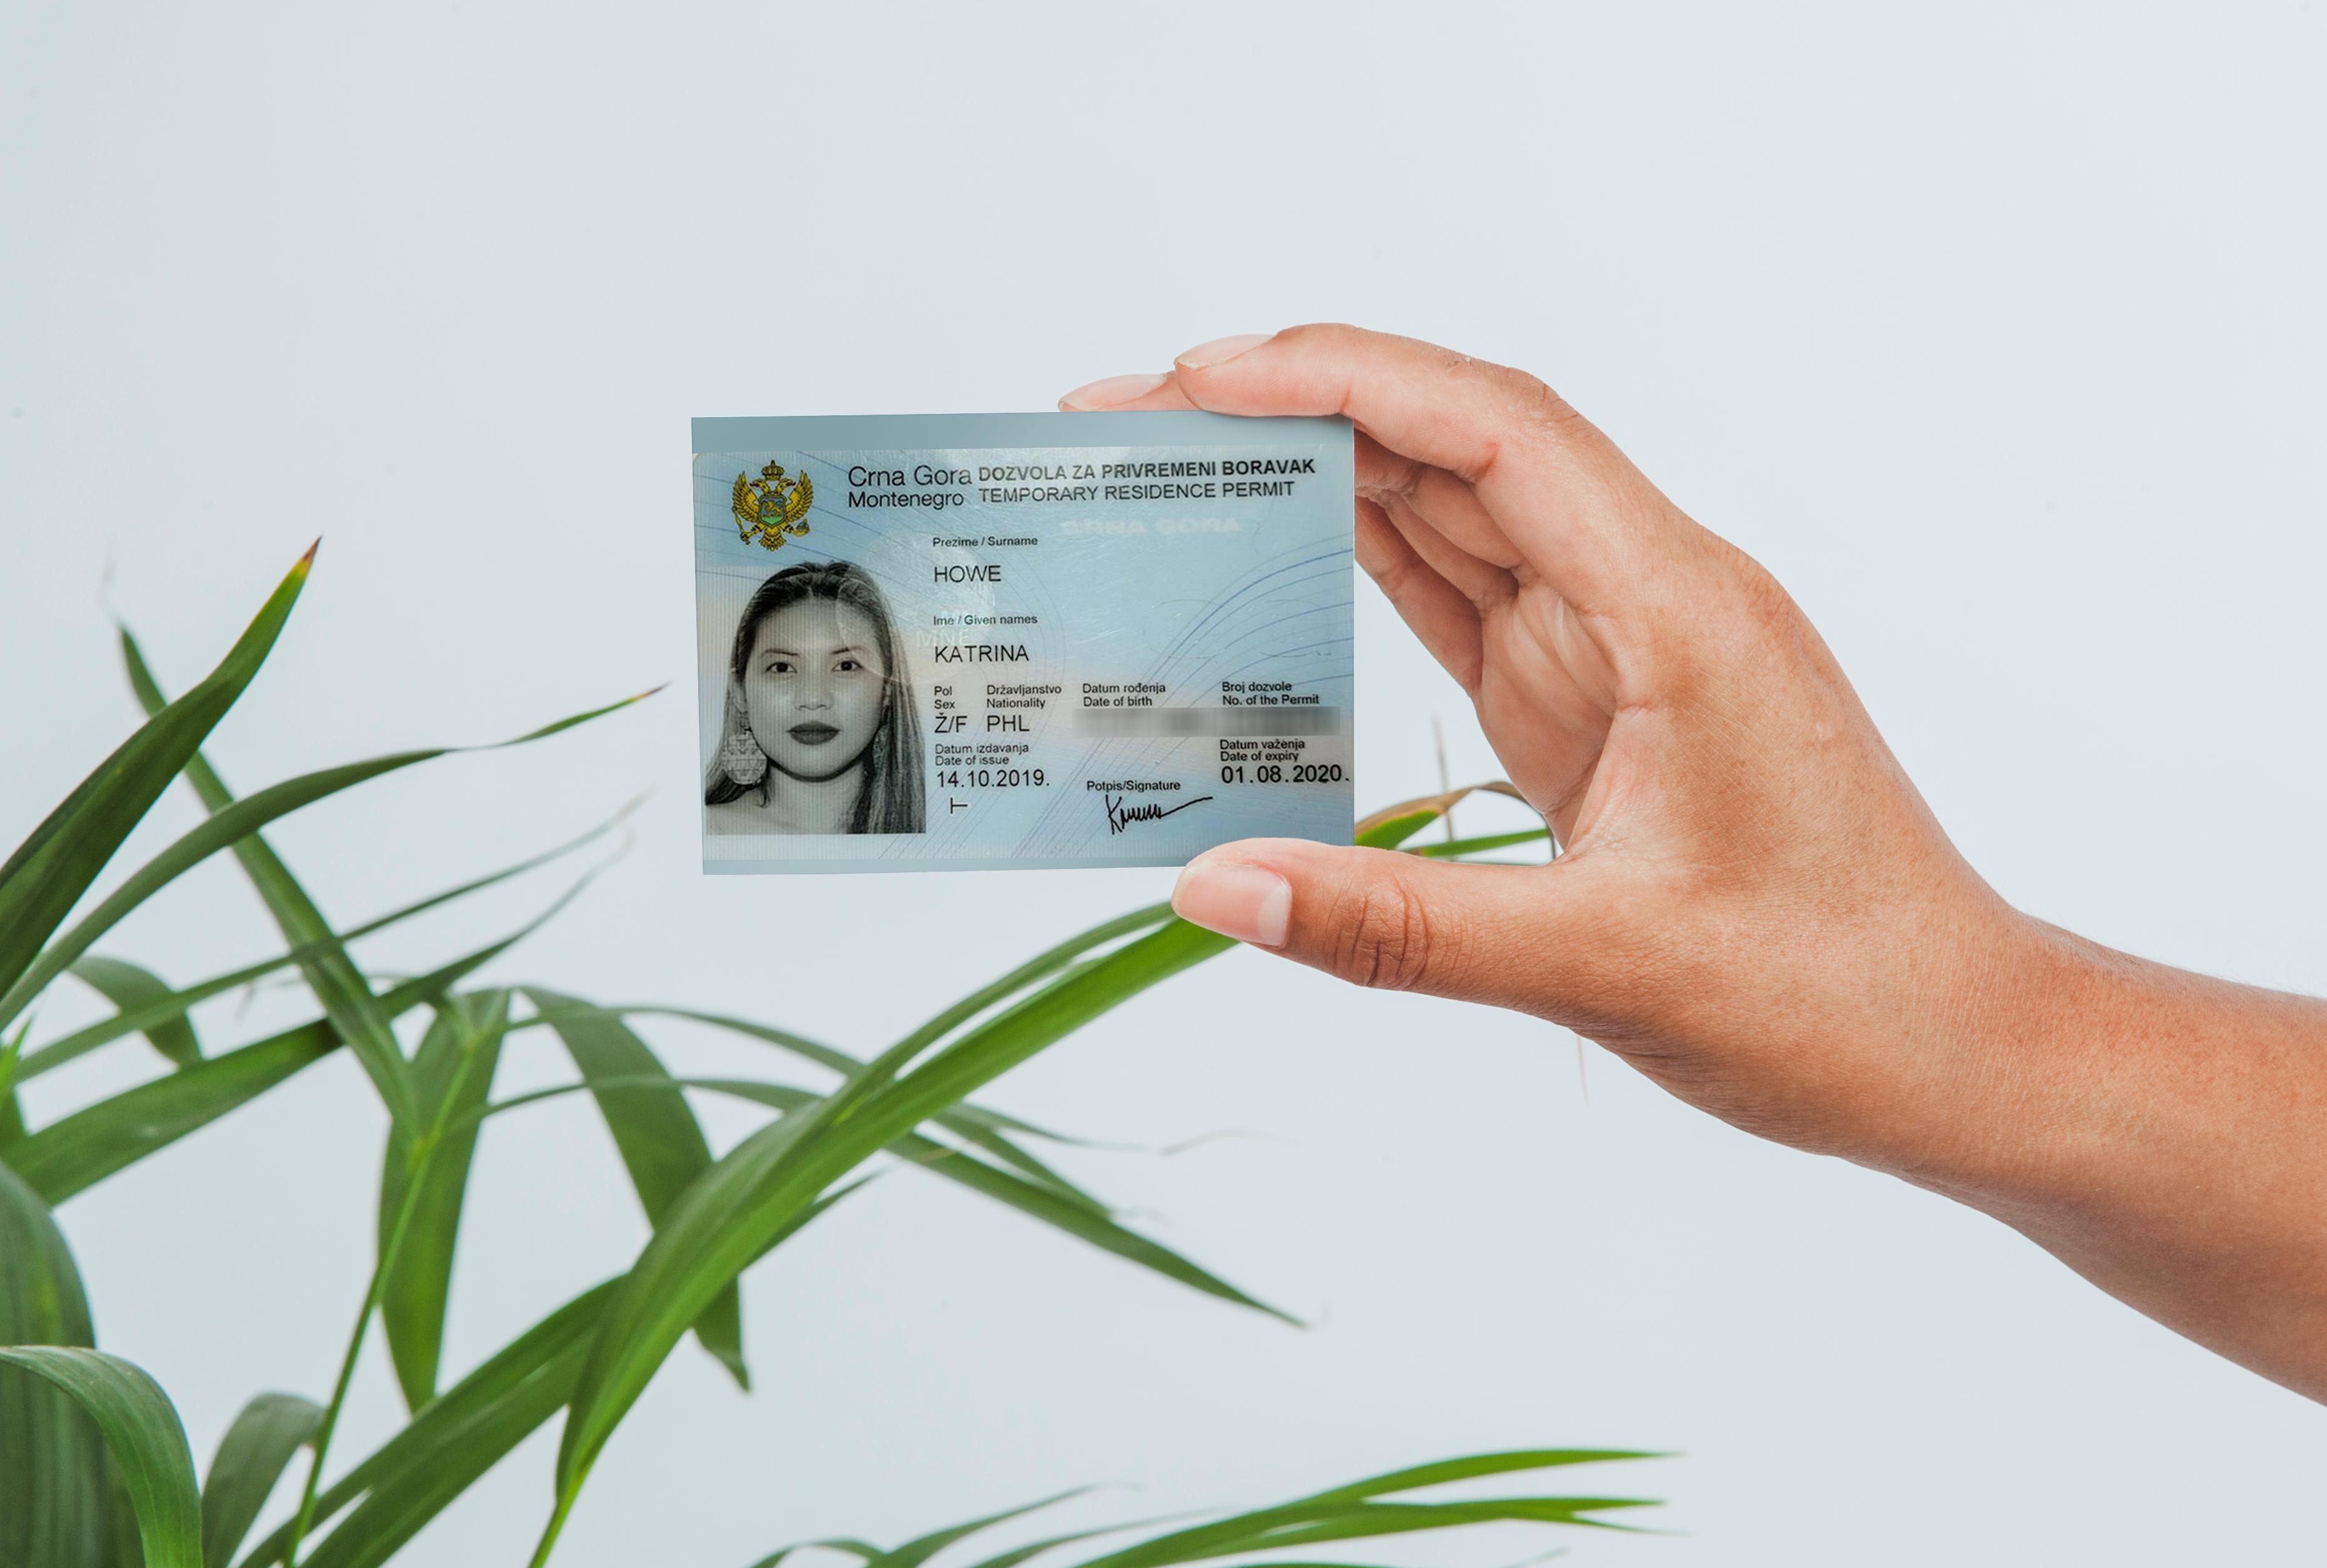 Montenegro residence permit